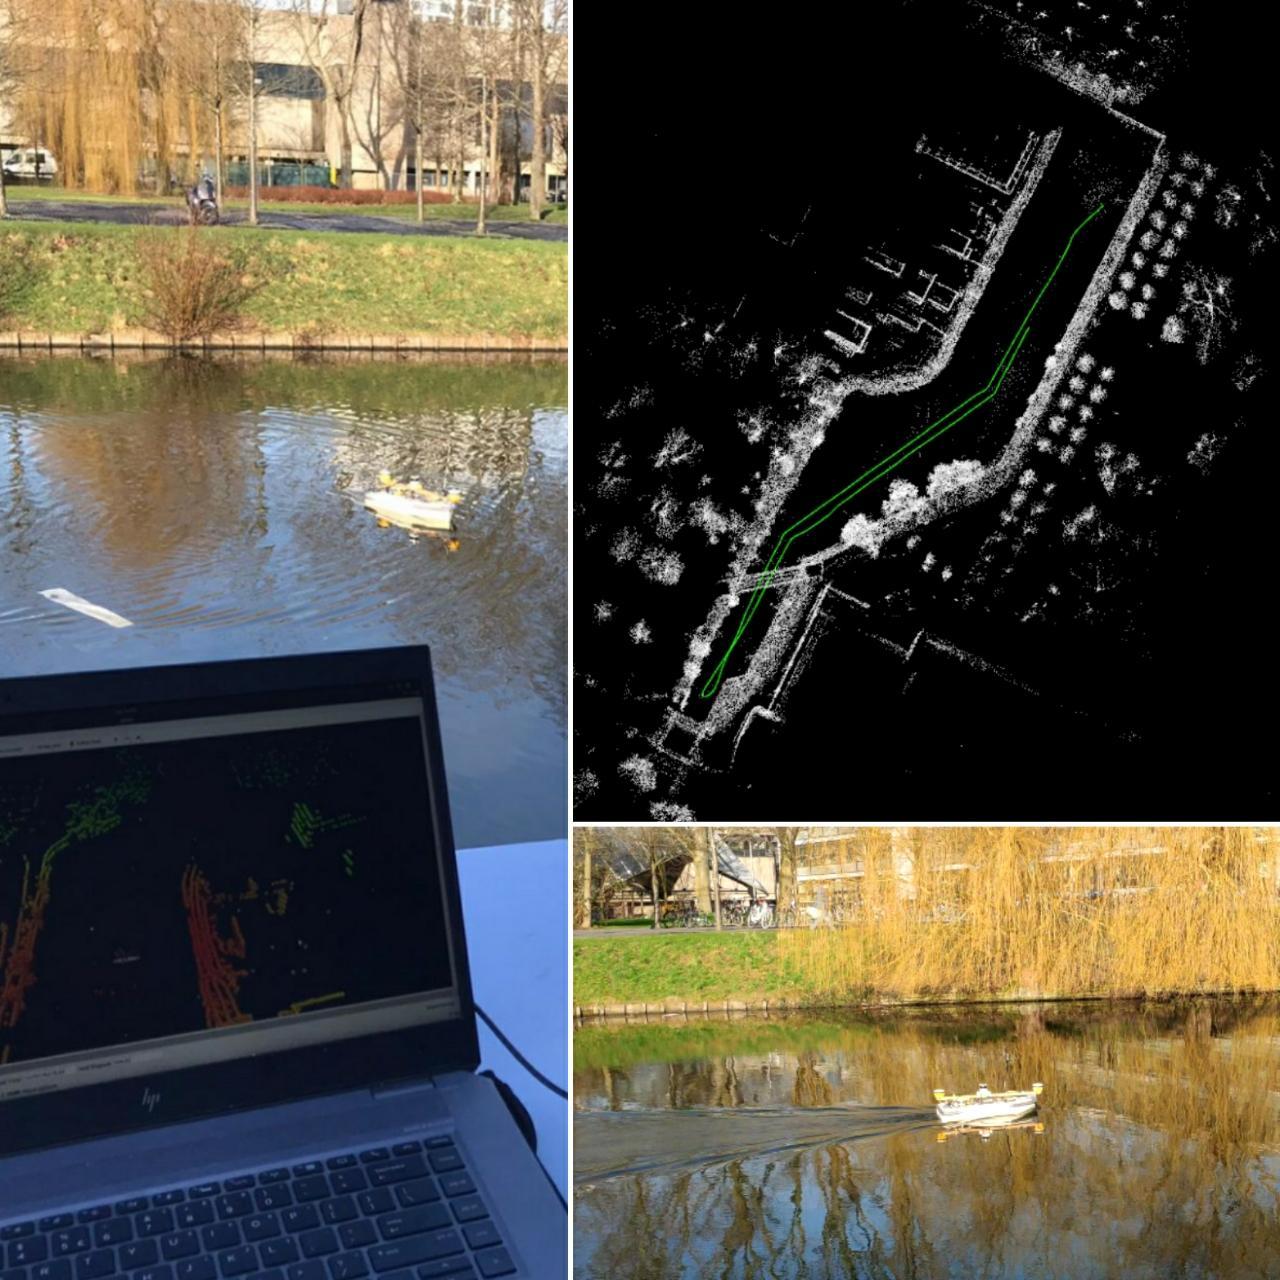 Een drone die op het water vaart, vanaf computer zie je informatie